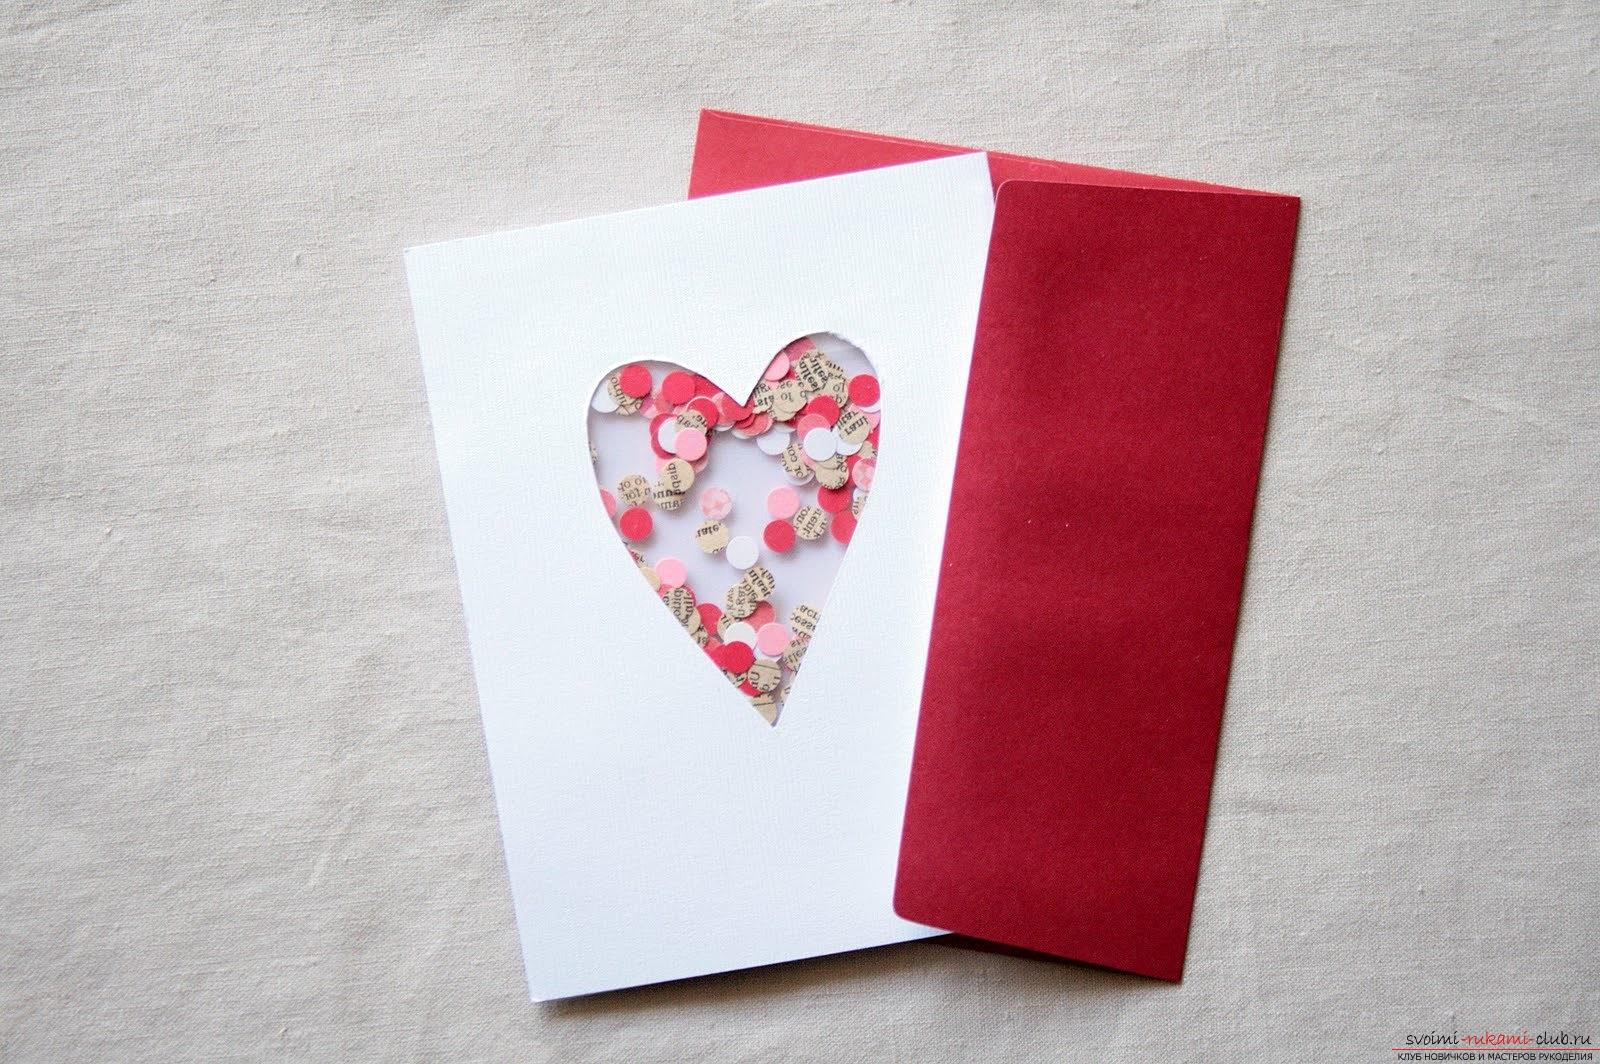 Как сделать открытку из бумаги своими руками фото 496